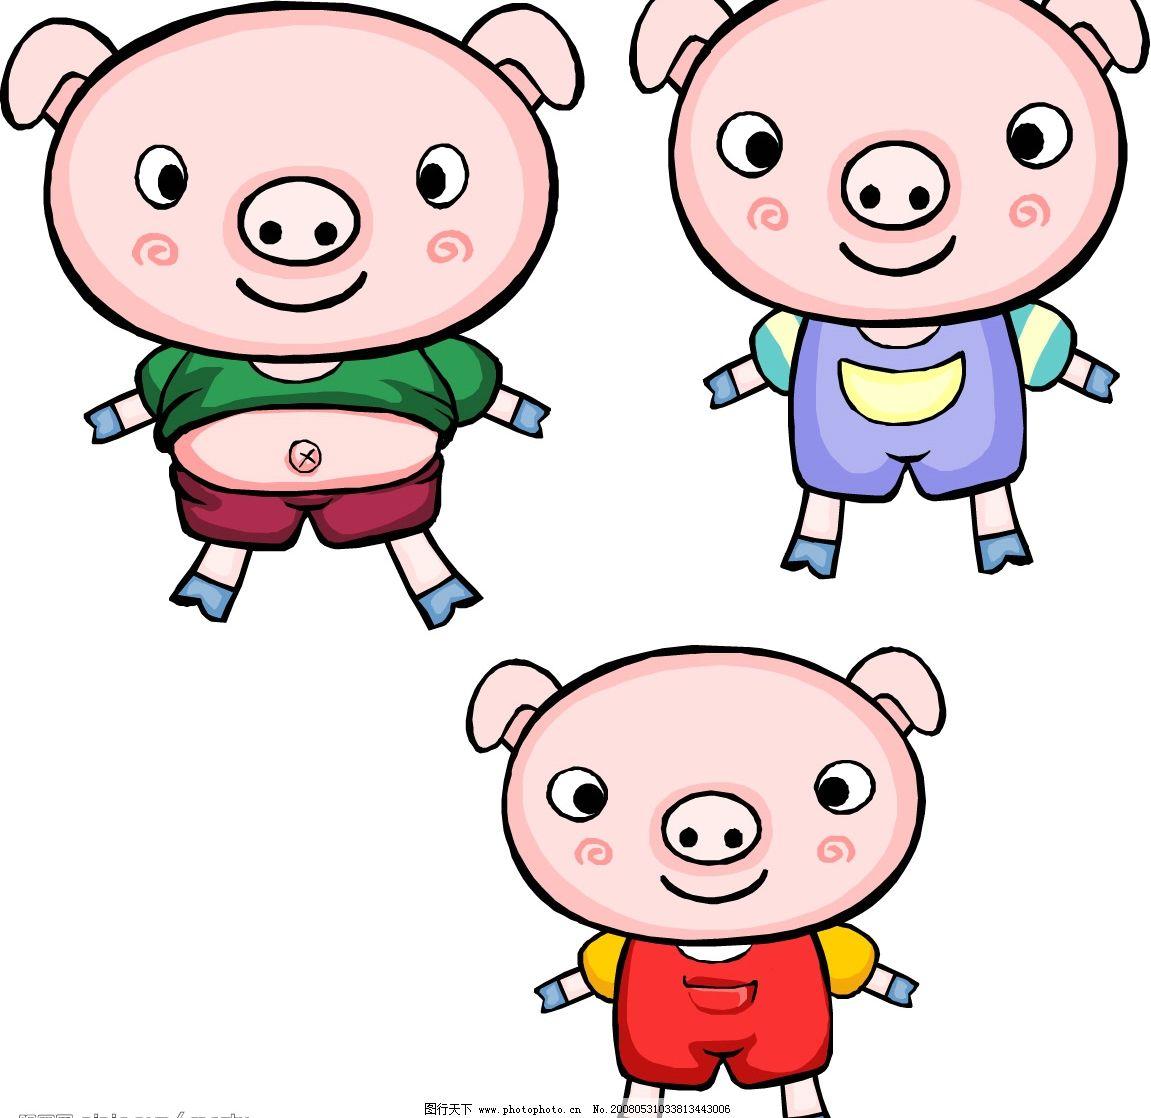 三只小猪 童话故事 小猪 其他矢量 矢量素材 矢量图库   wmf